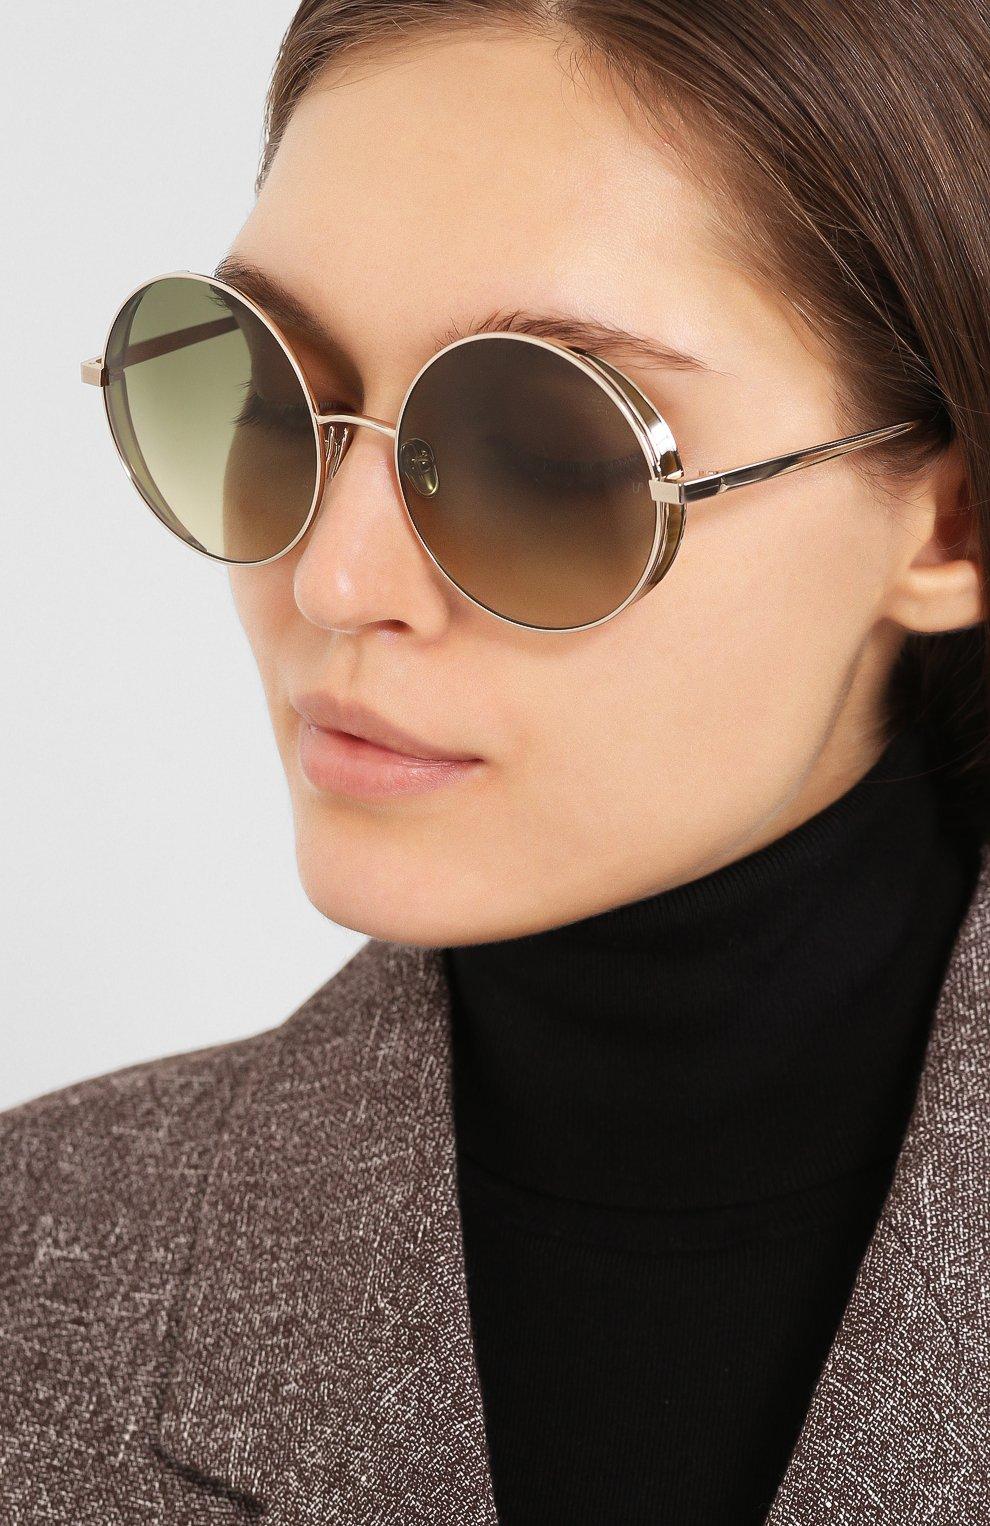 Женские солнцезащитные очки LINDA FARROW светло-зеленого цвета, арт. LFL758C9 SUN   Фото 2